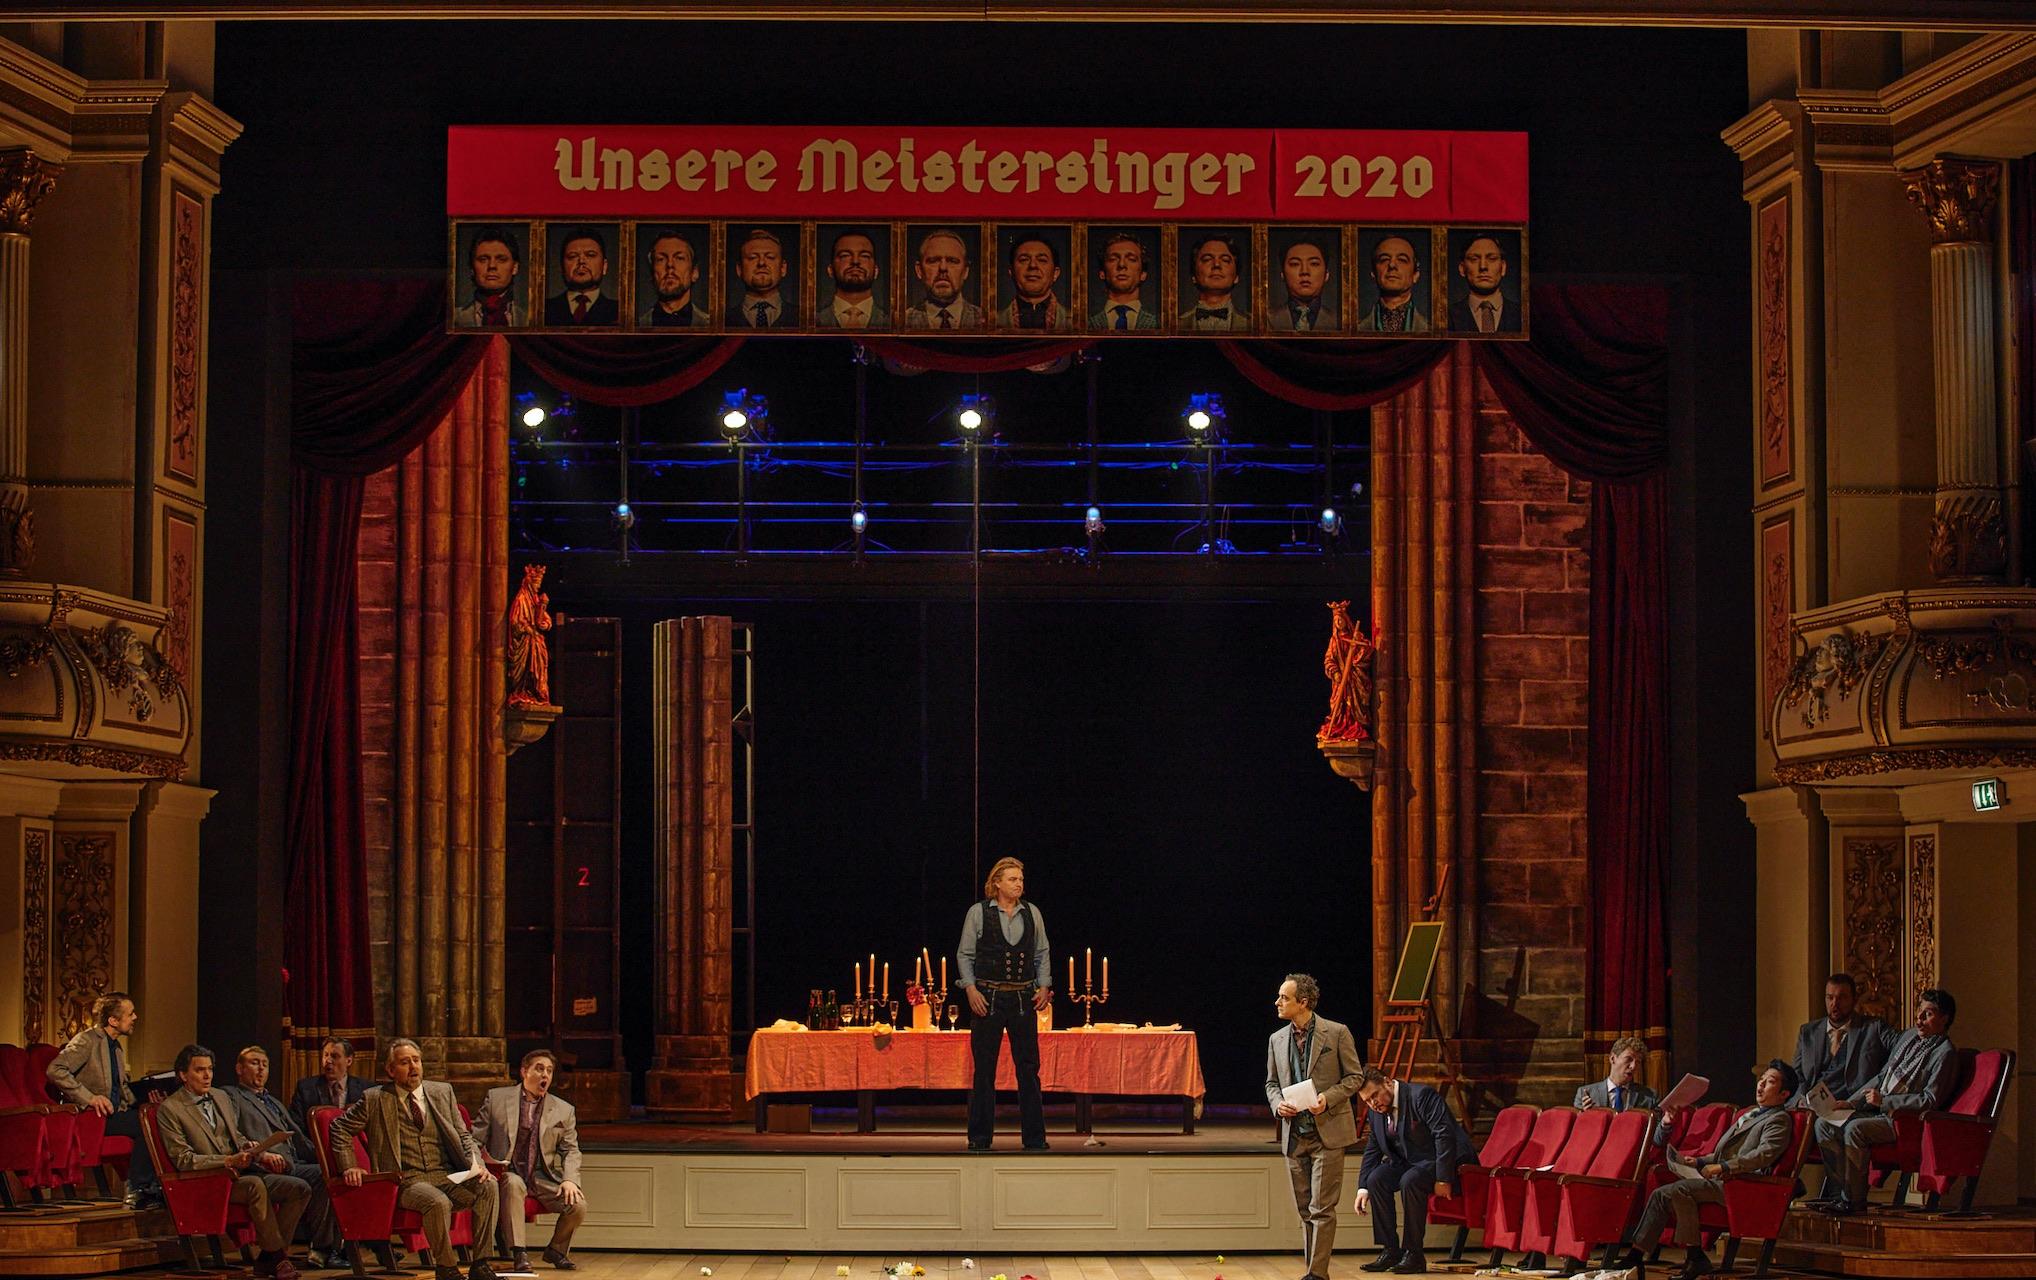 Die Meistersinger von Nürnberg - Richard Wagner | Semperoper Dresda